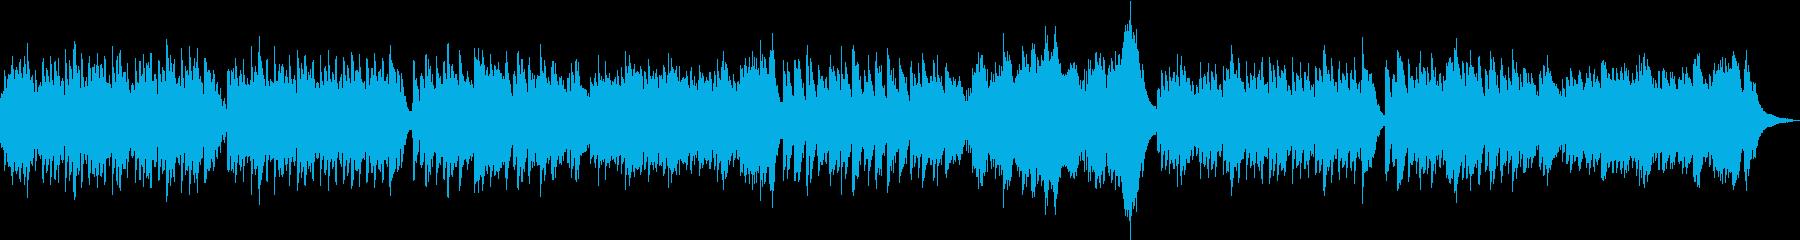 優しく眠りに誘うオルゴールサウンドの再生済みの波形